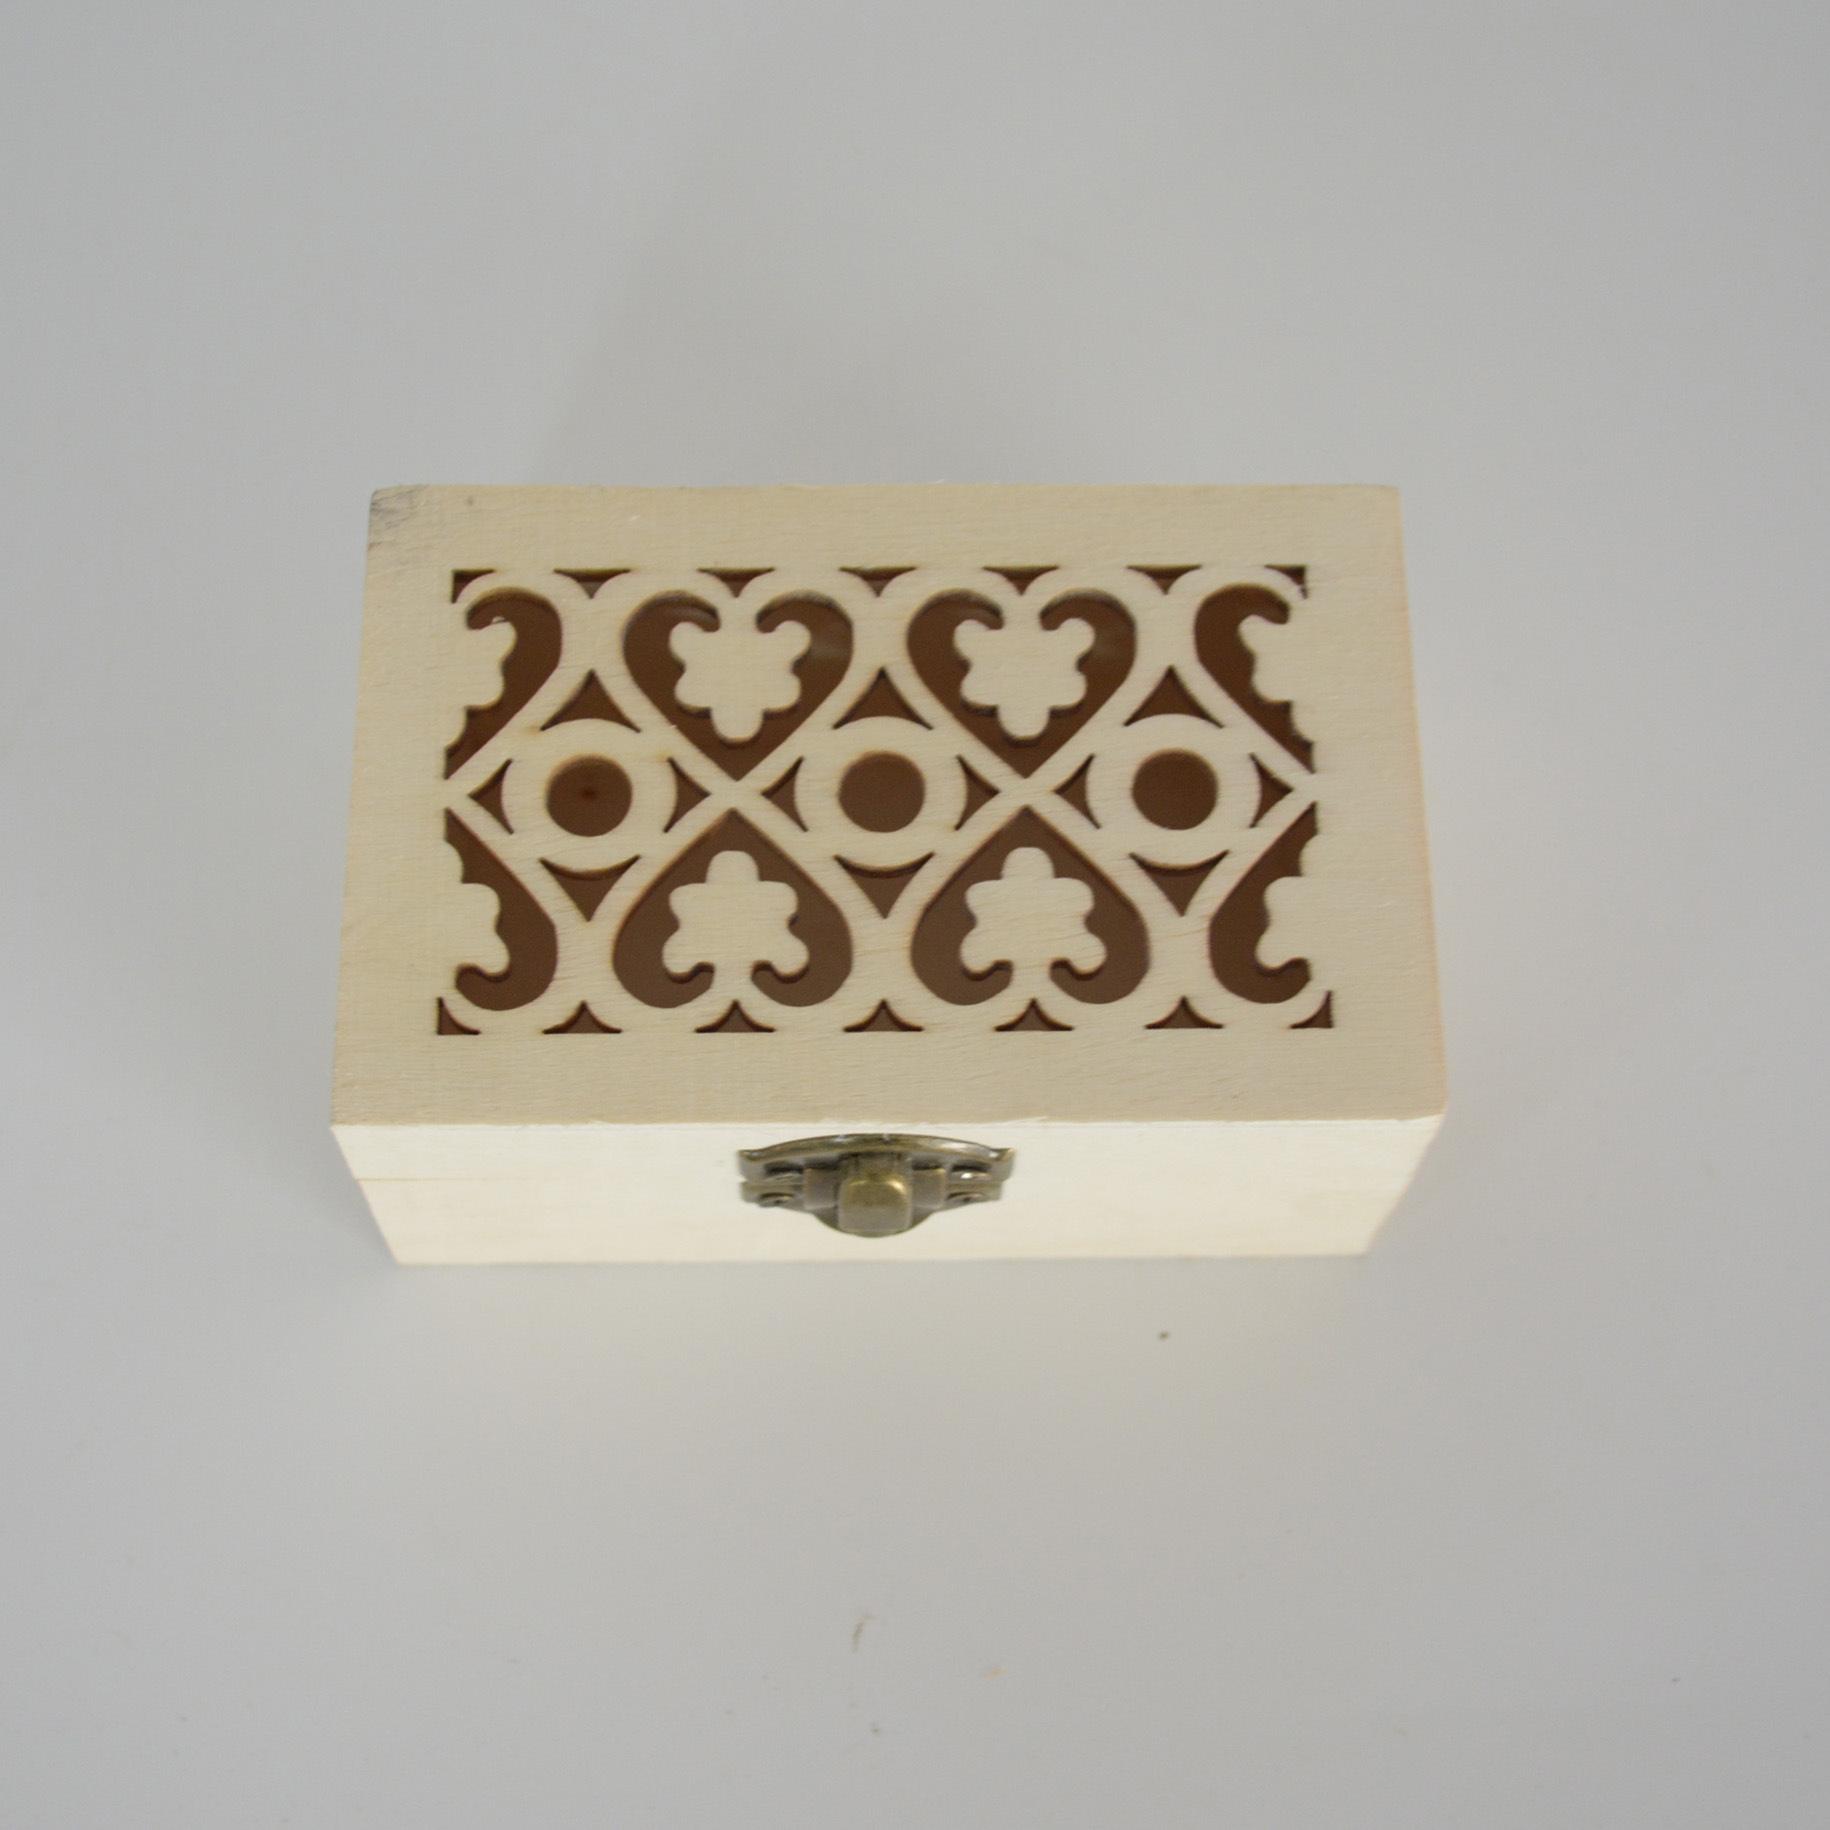 批发创意木制镂空收纳木盒首饰饰品包装礼品盒精油定做小木盒